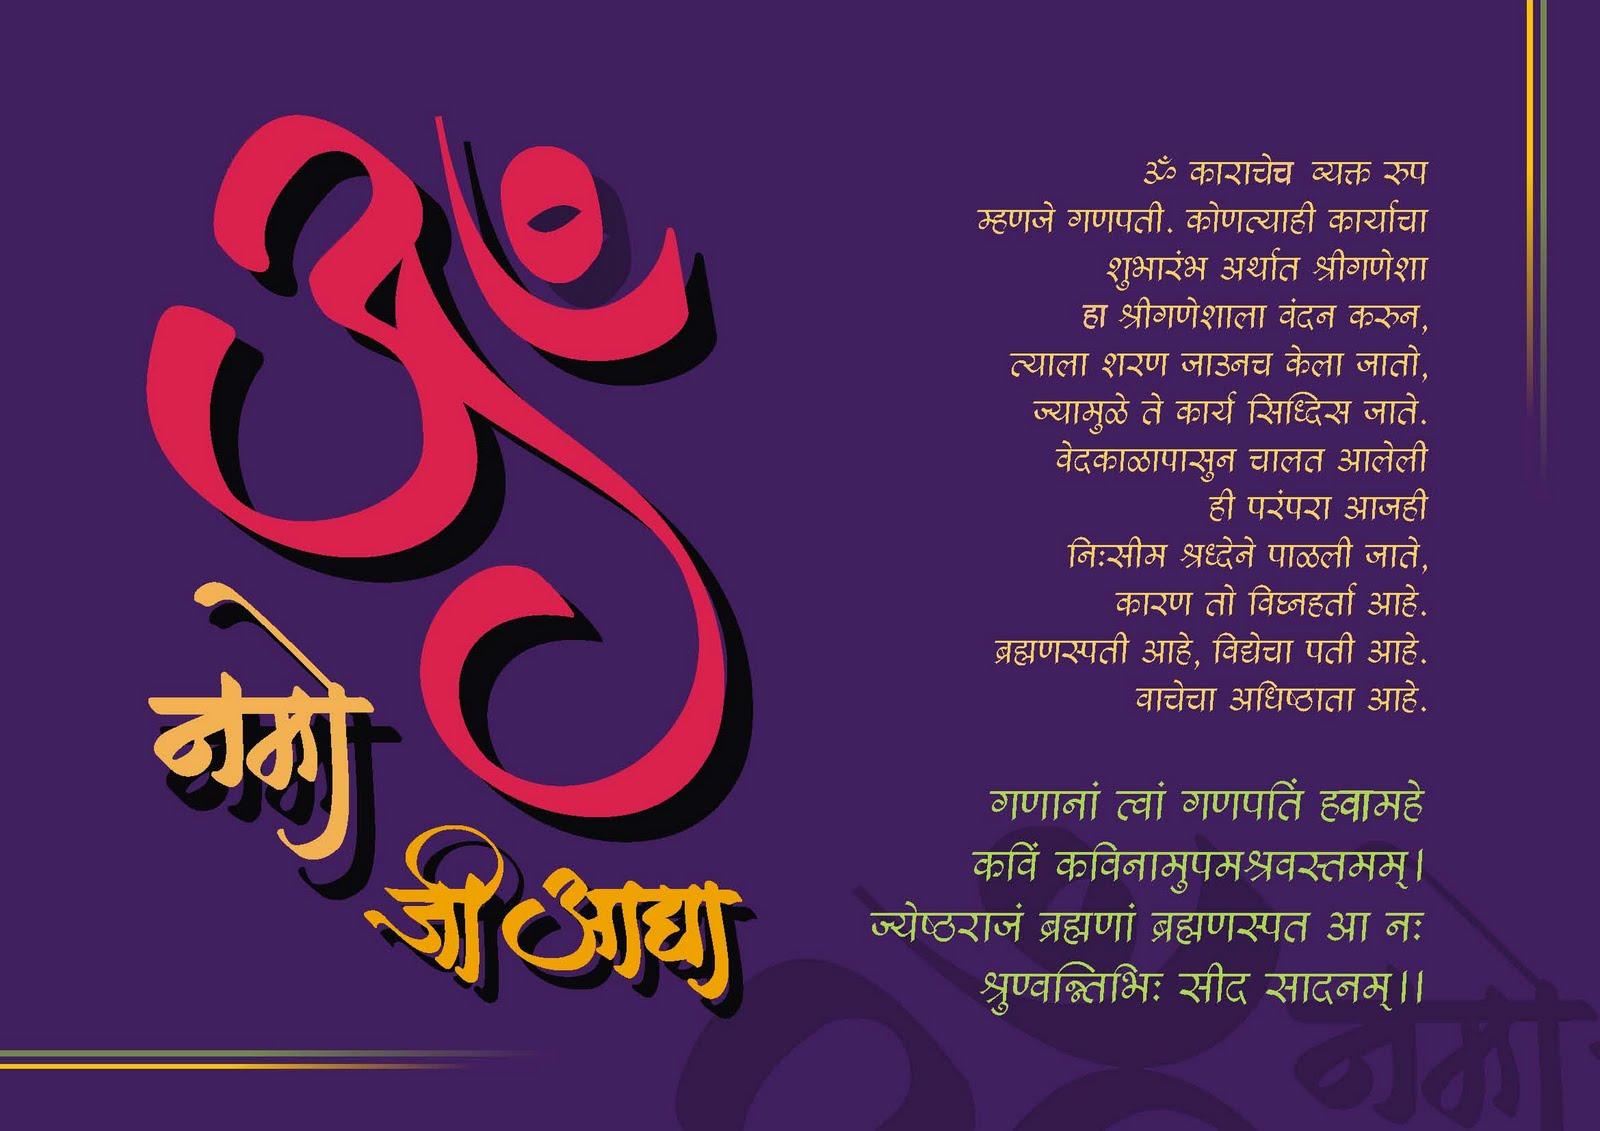 http://4.bp.blogspot.com/-HVZwyKr8Usc/TmkxMSlSaOI/AAAAAAAAFgs/DOphq7YGhn8/s1600/Om+Gan+Ganapatya+Namha.jpg